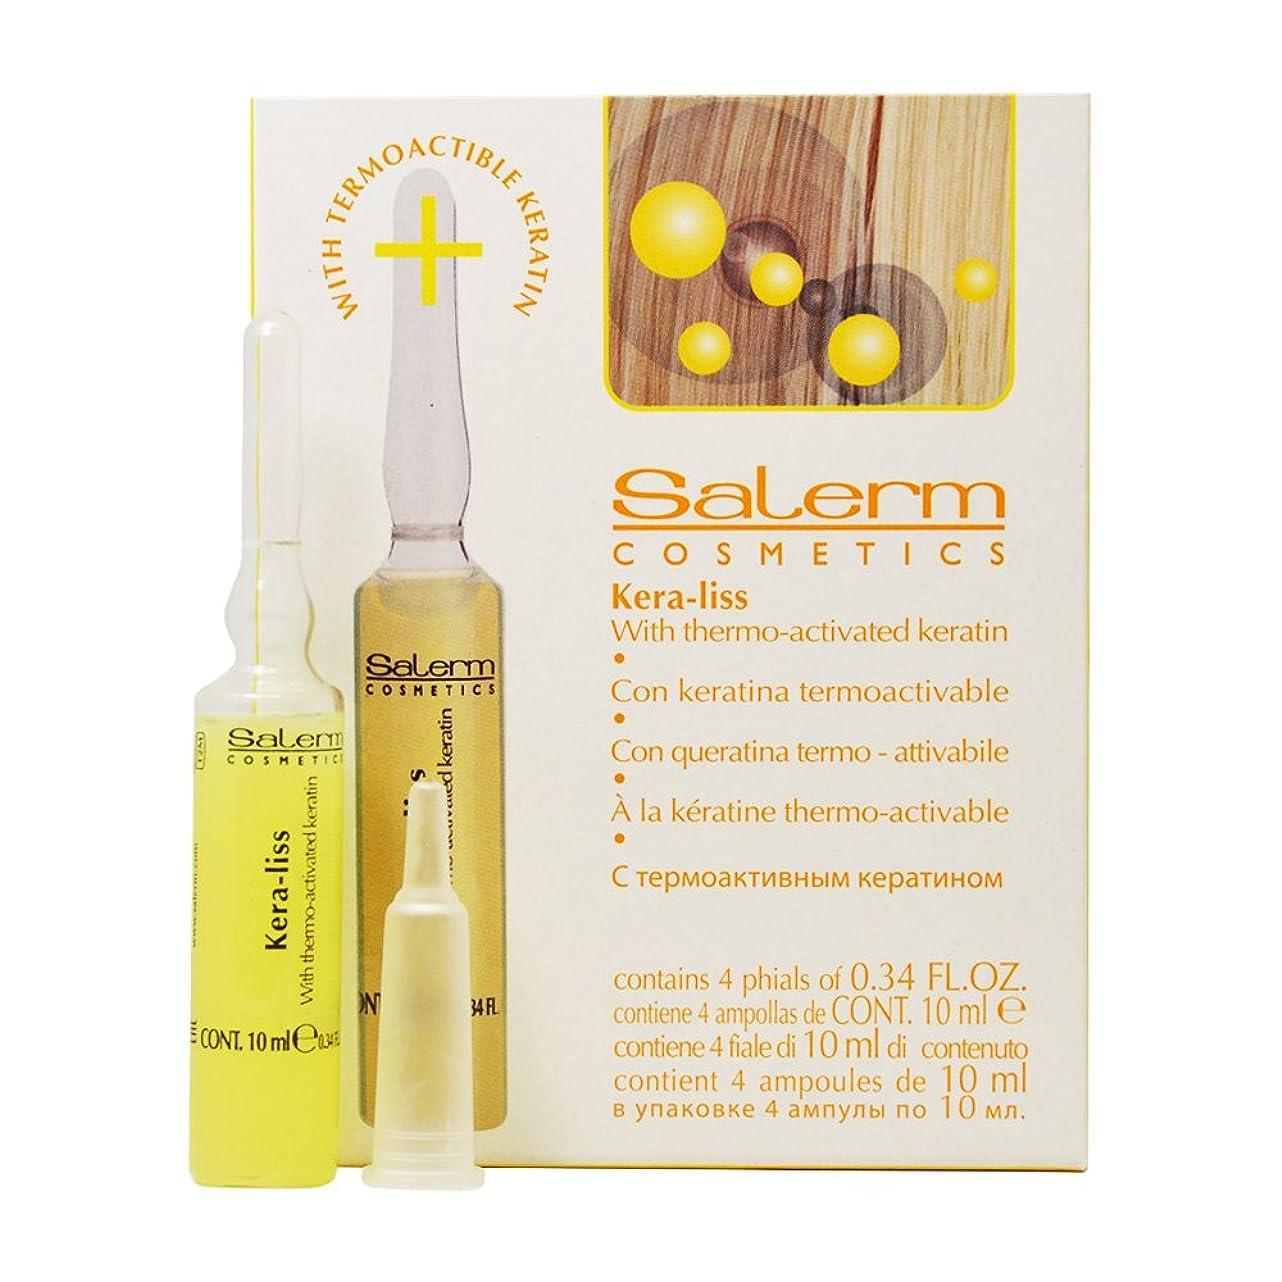 シエスタ遺棄されたペッカディロSalerm 化粧品ケラ-LISS - 4つのバイアルX 0.44オンス